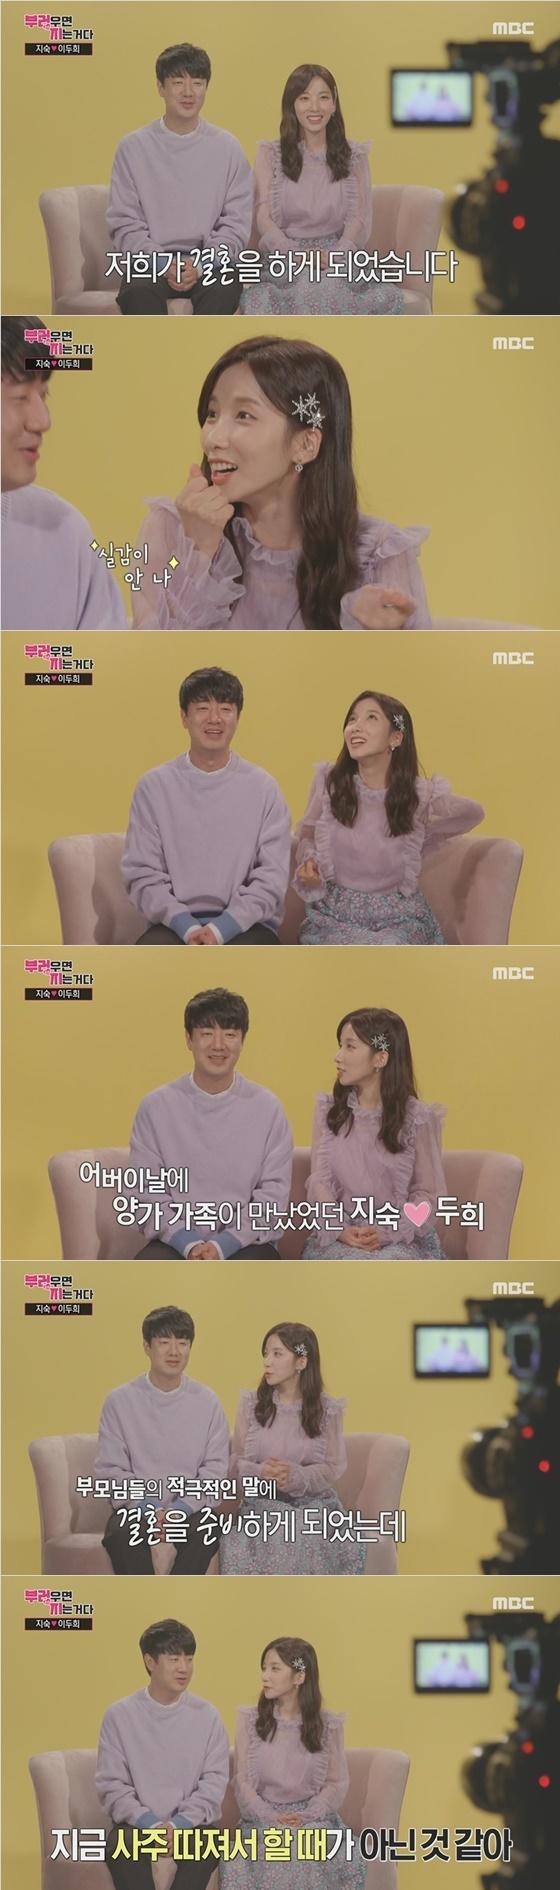 지숙, 이두희 /사진=MBC '부러우면 지는거다' 방송화면 캡처